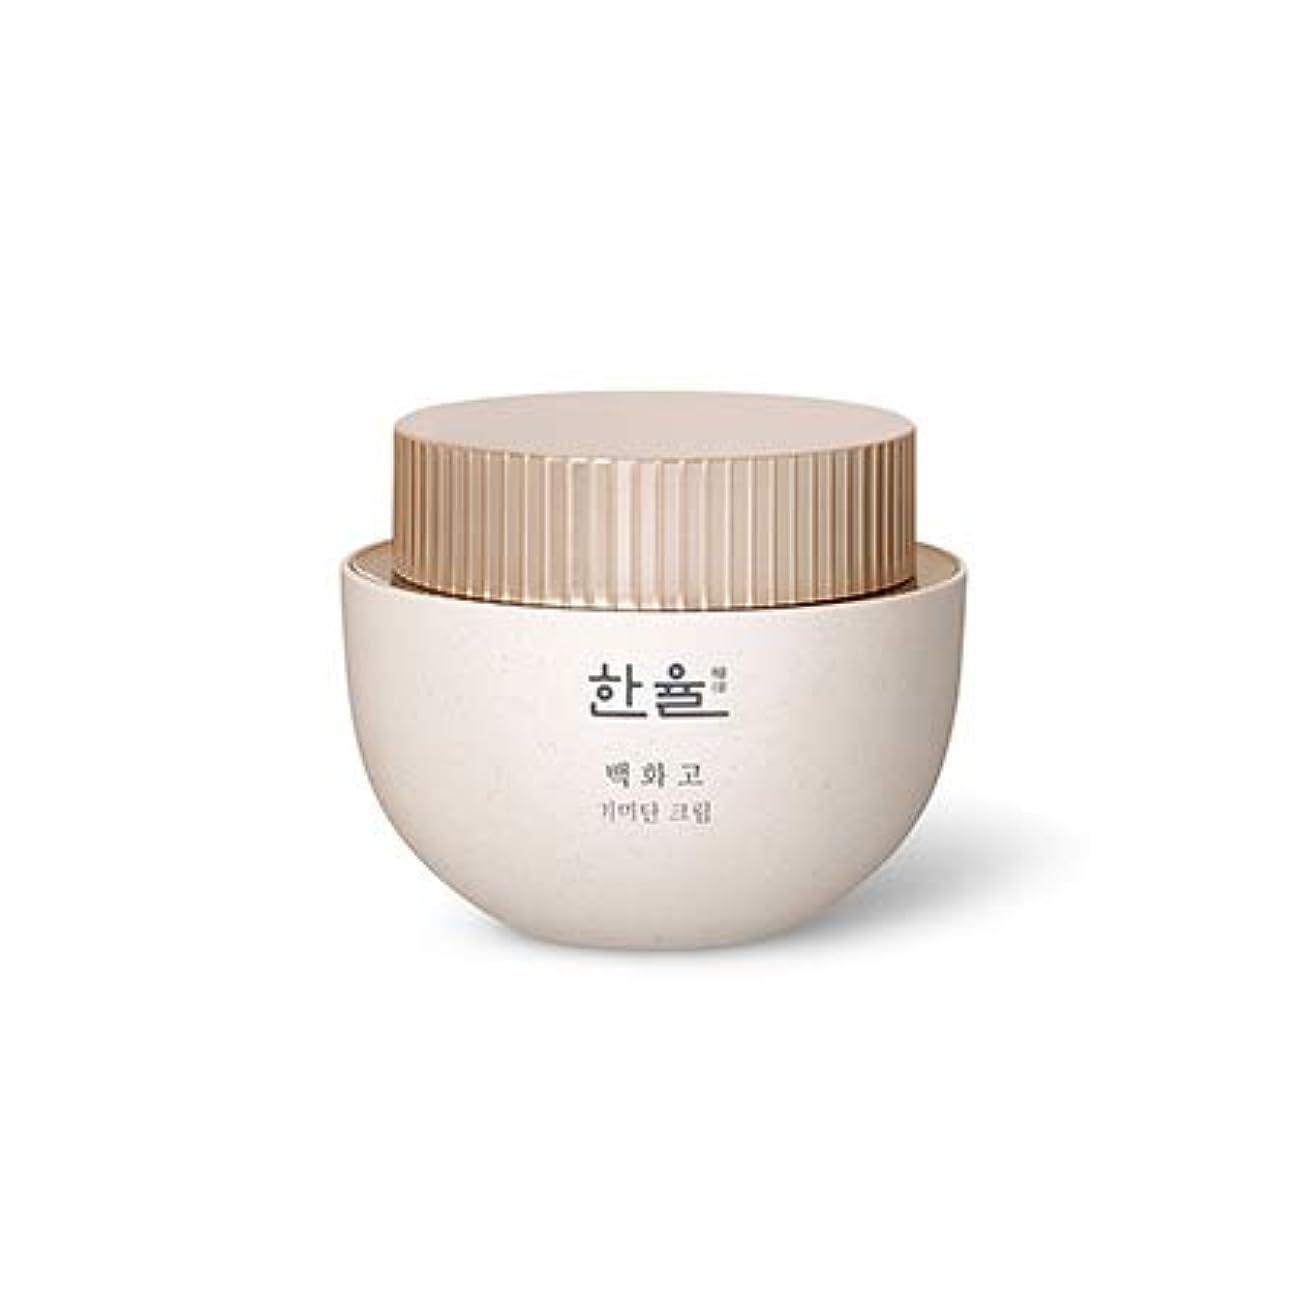 うそつきゴール葉っぱ[ハンユル.HANYUL]ベクファゴシミ段クリームHanyul Baek Hwa Goh Anti-Aging Cream(シミ、くすみなどの老化の兆候をケア)